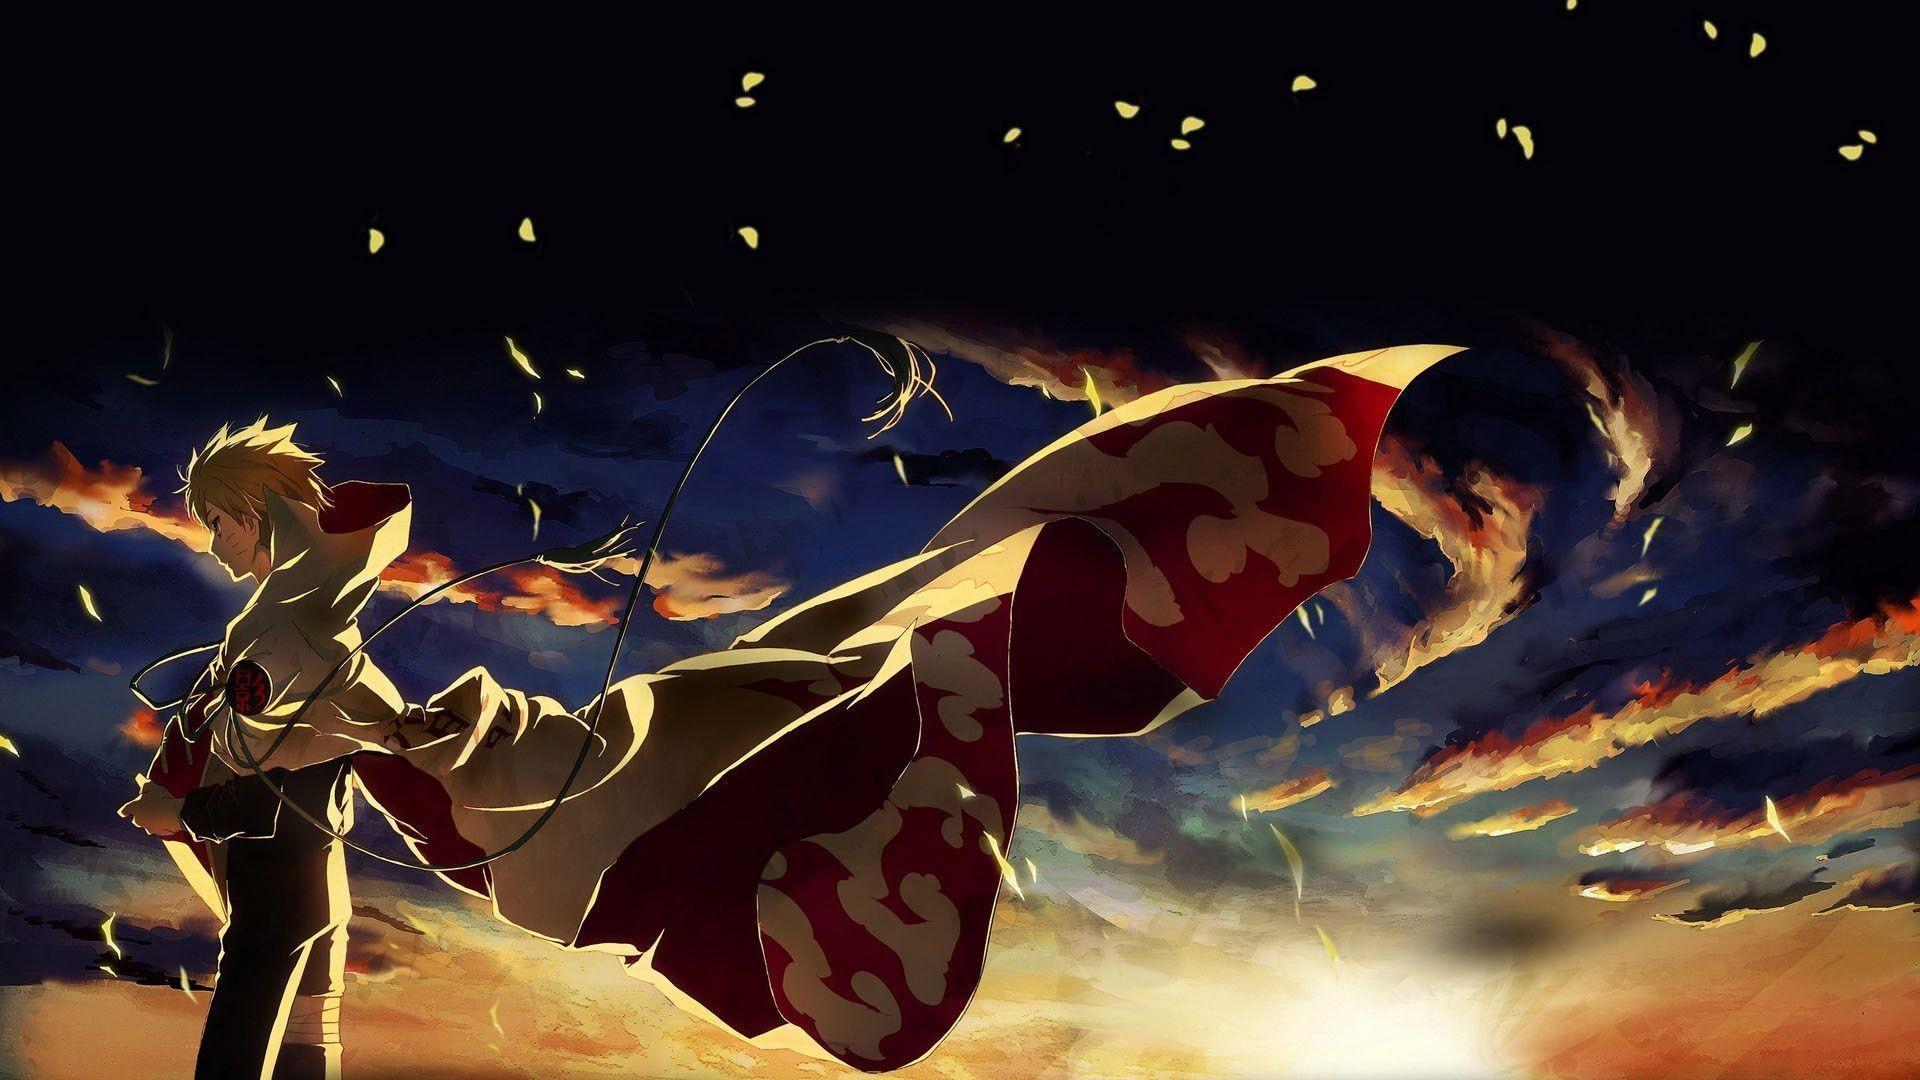 hd wallpaper Cool Anime Boy Wallpaper